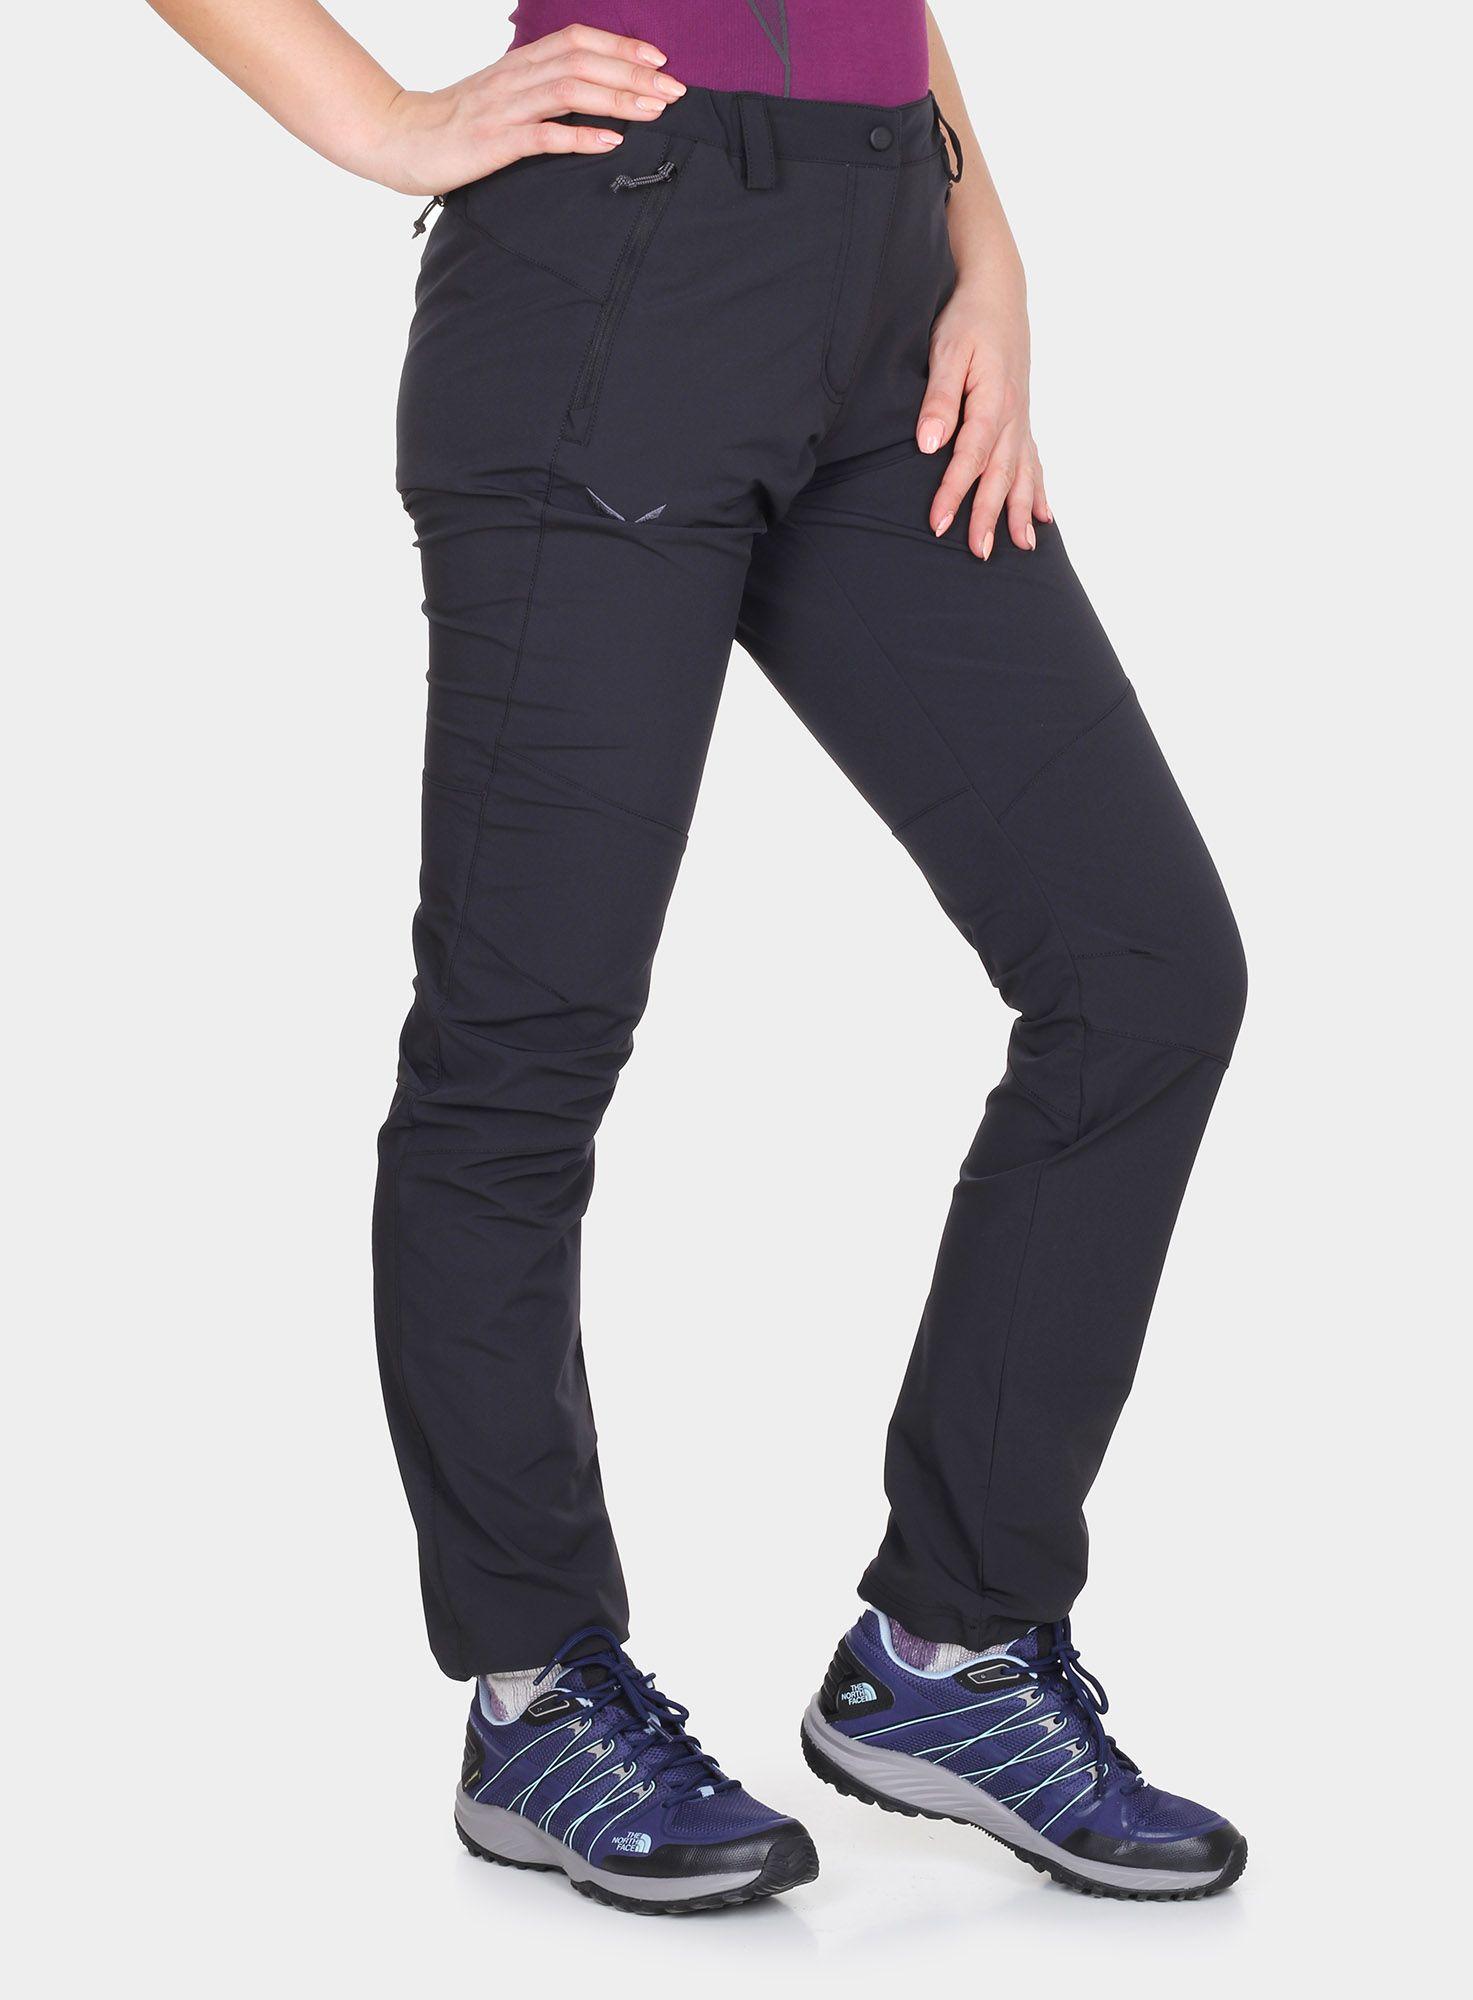 Spodnie Salewa Puez Terminal Dst Pant Lady Black Out Pants For Women Pants Black Jeans